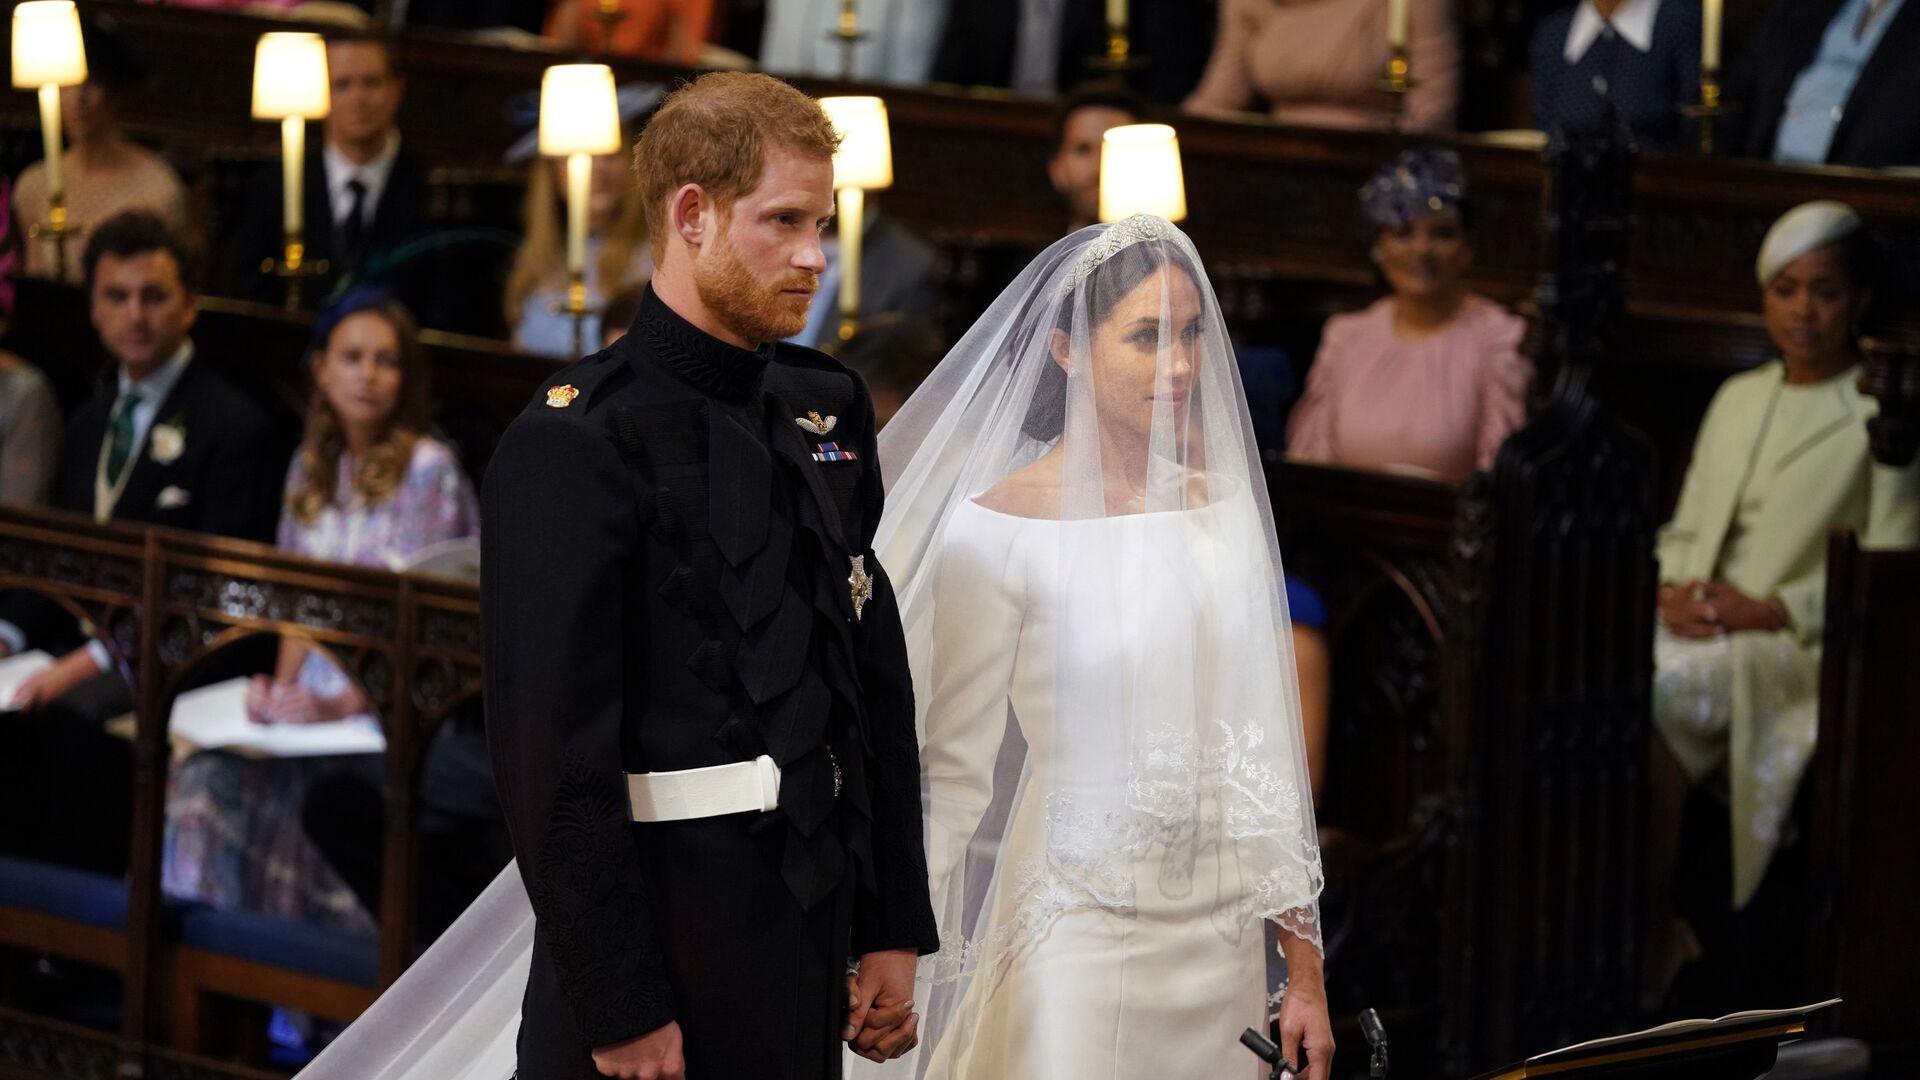 Британский принц Гарри и Меган Маркл перед началом их свадебной церемонии в часовне Св. Георгия в Виндзорском замке недалеко от Лондона, Англия. 19 мая 2018 - РИА Новости, 1920, 04.09.2020